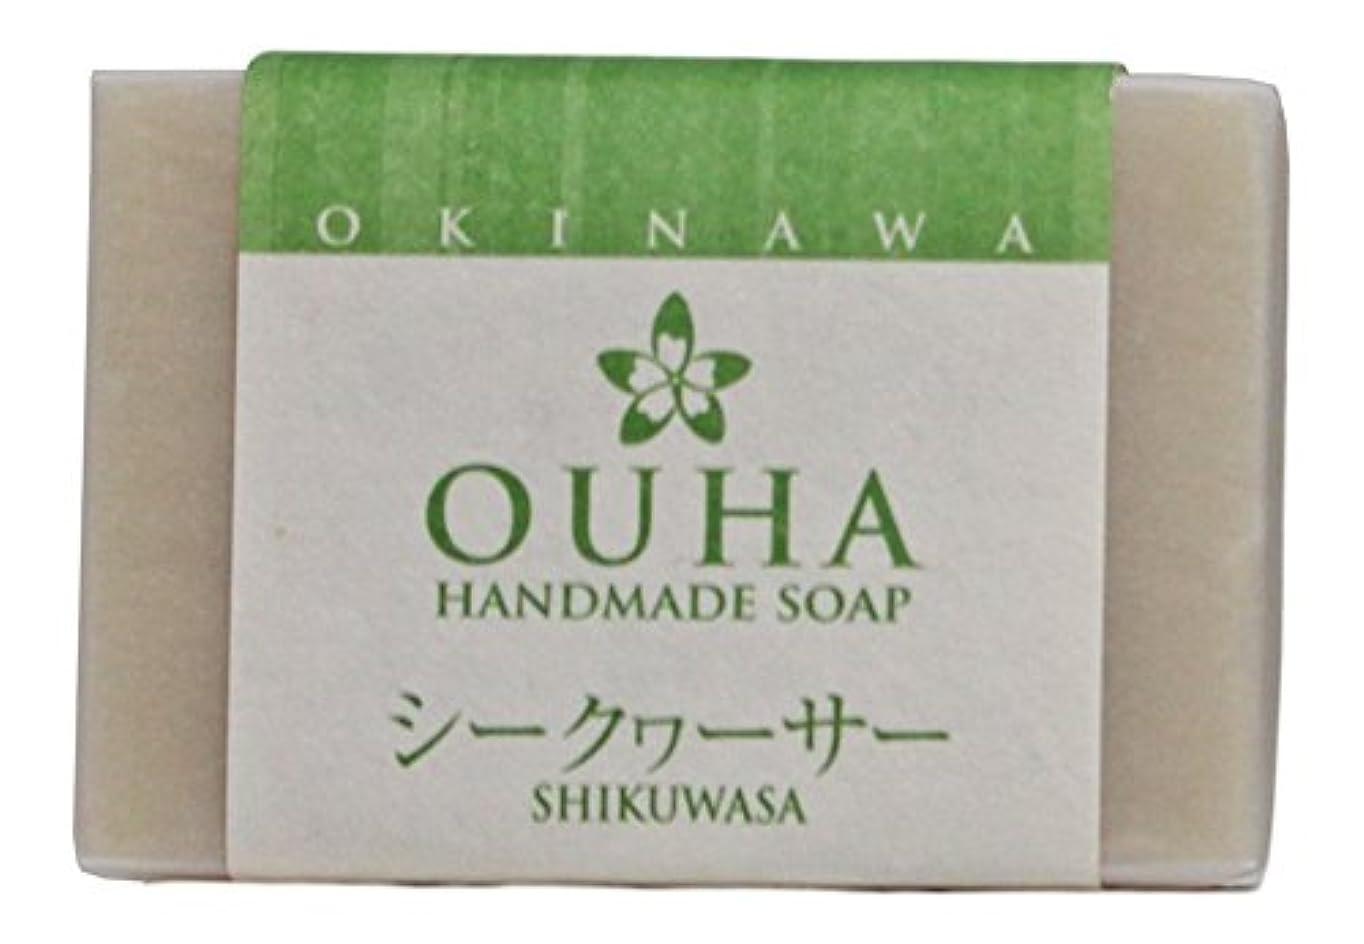 暗くする第三バッチ沖縄手作り洗顔せっけん OUHAソープ シークヮーサー 47g